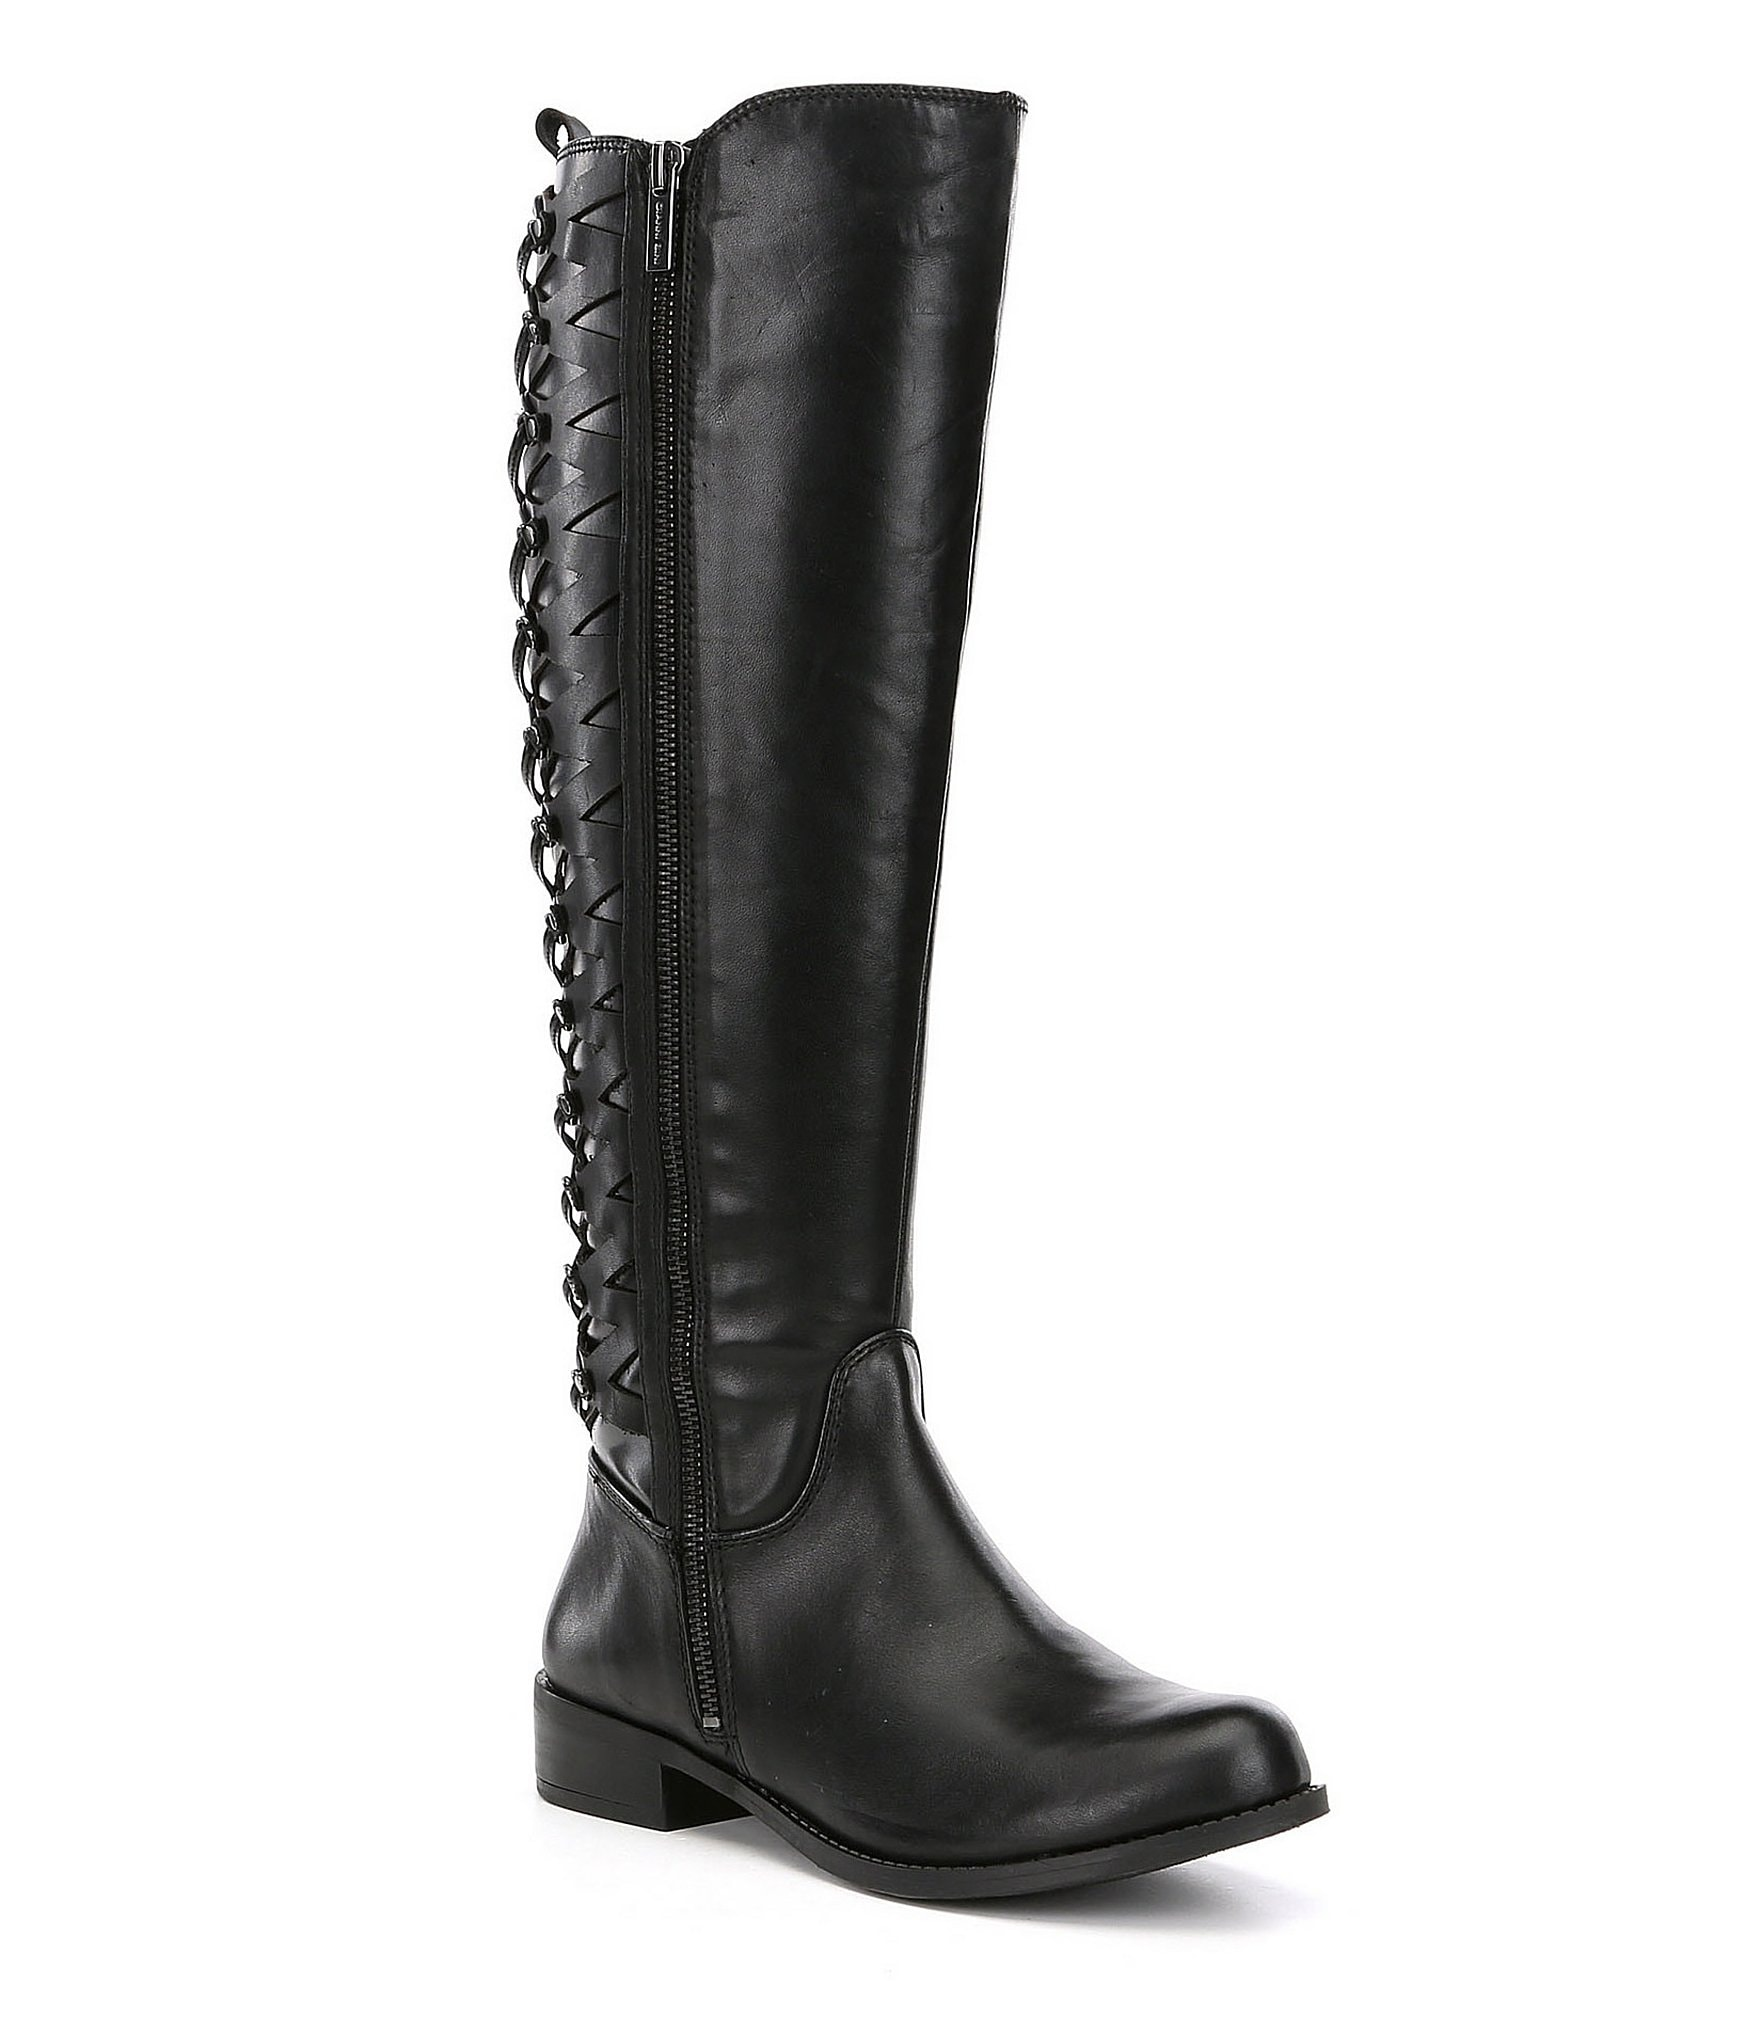 Dillards Gianni Bini Black Shoes